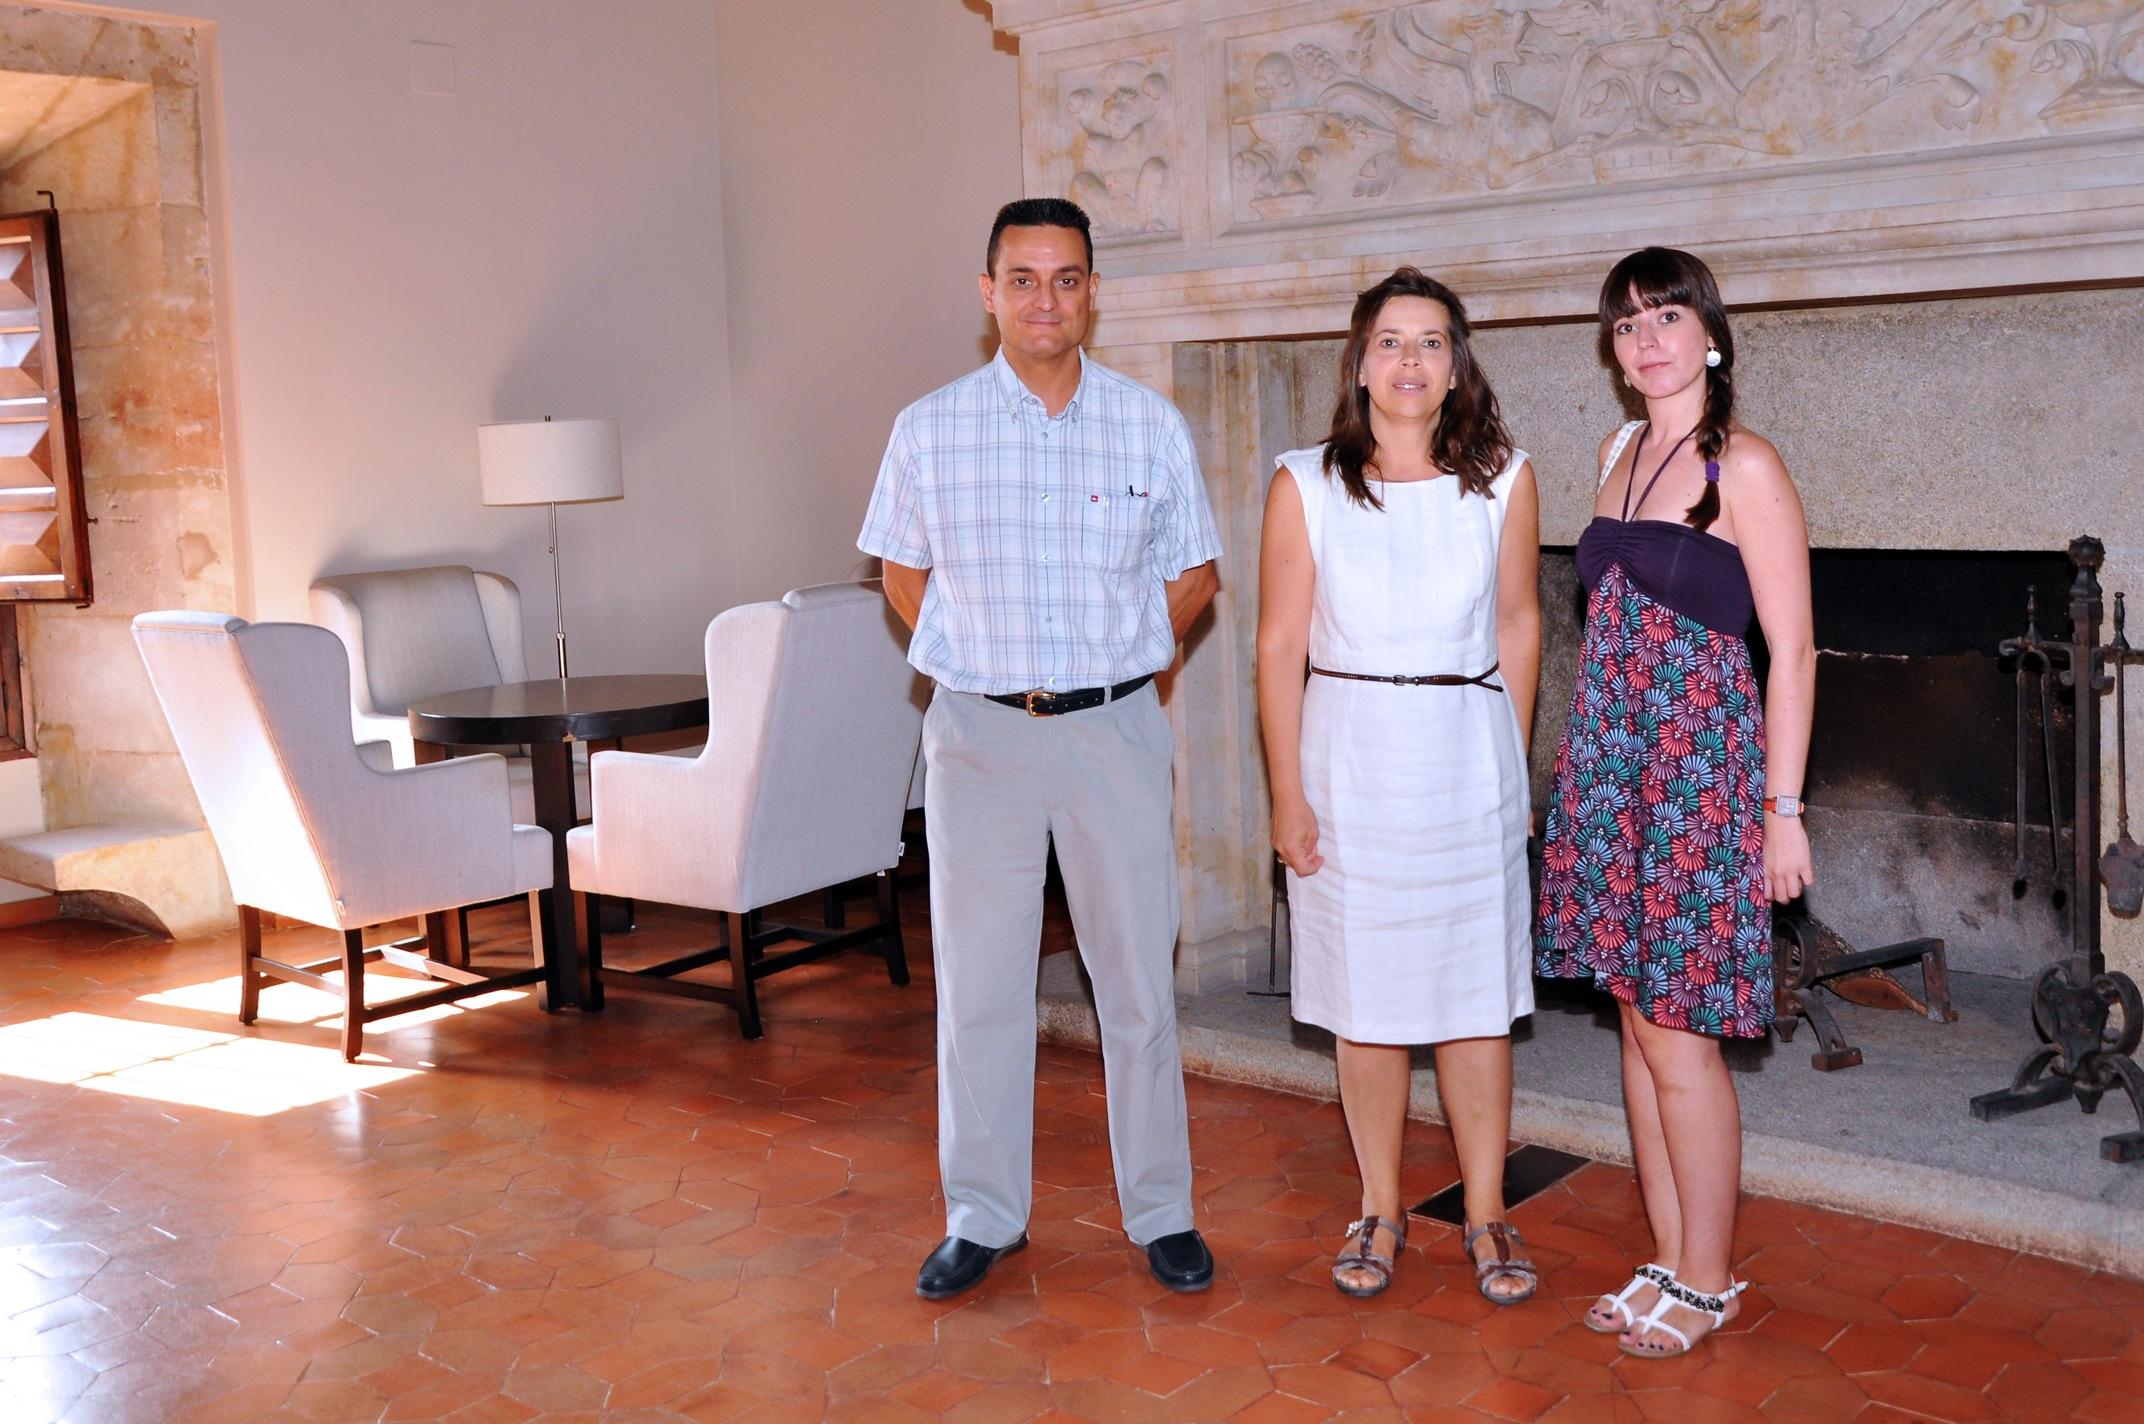 José Antonio Mayoral, Valentina Zangrando and Lucía García